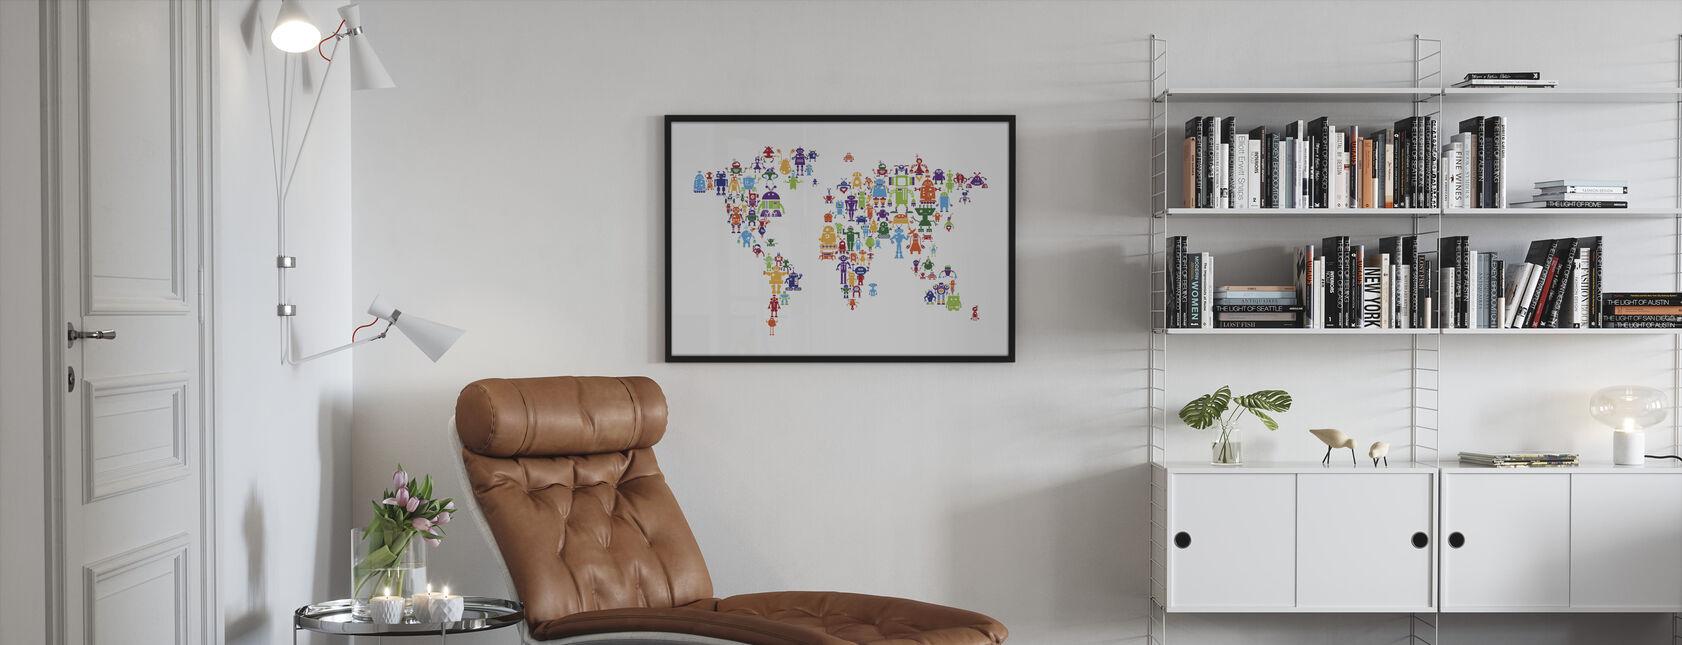 Carte du monde Robots - Impression encadree - Salle à manger